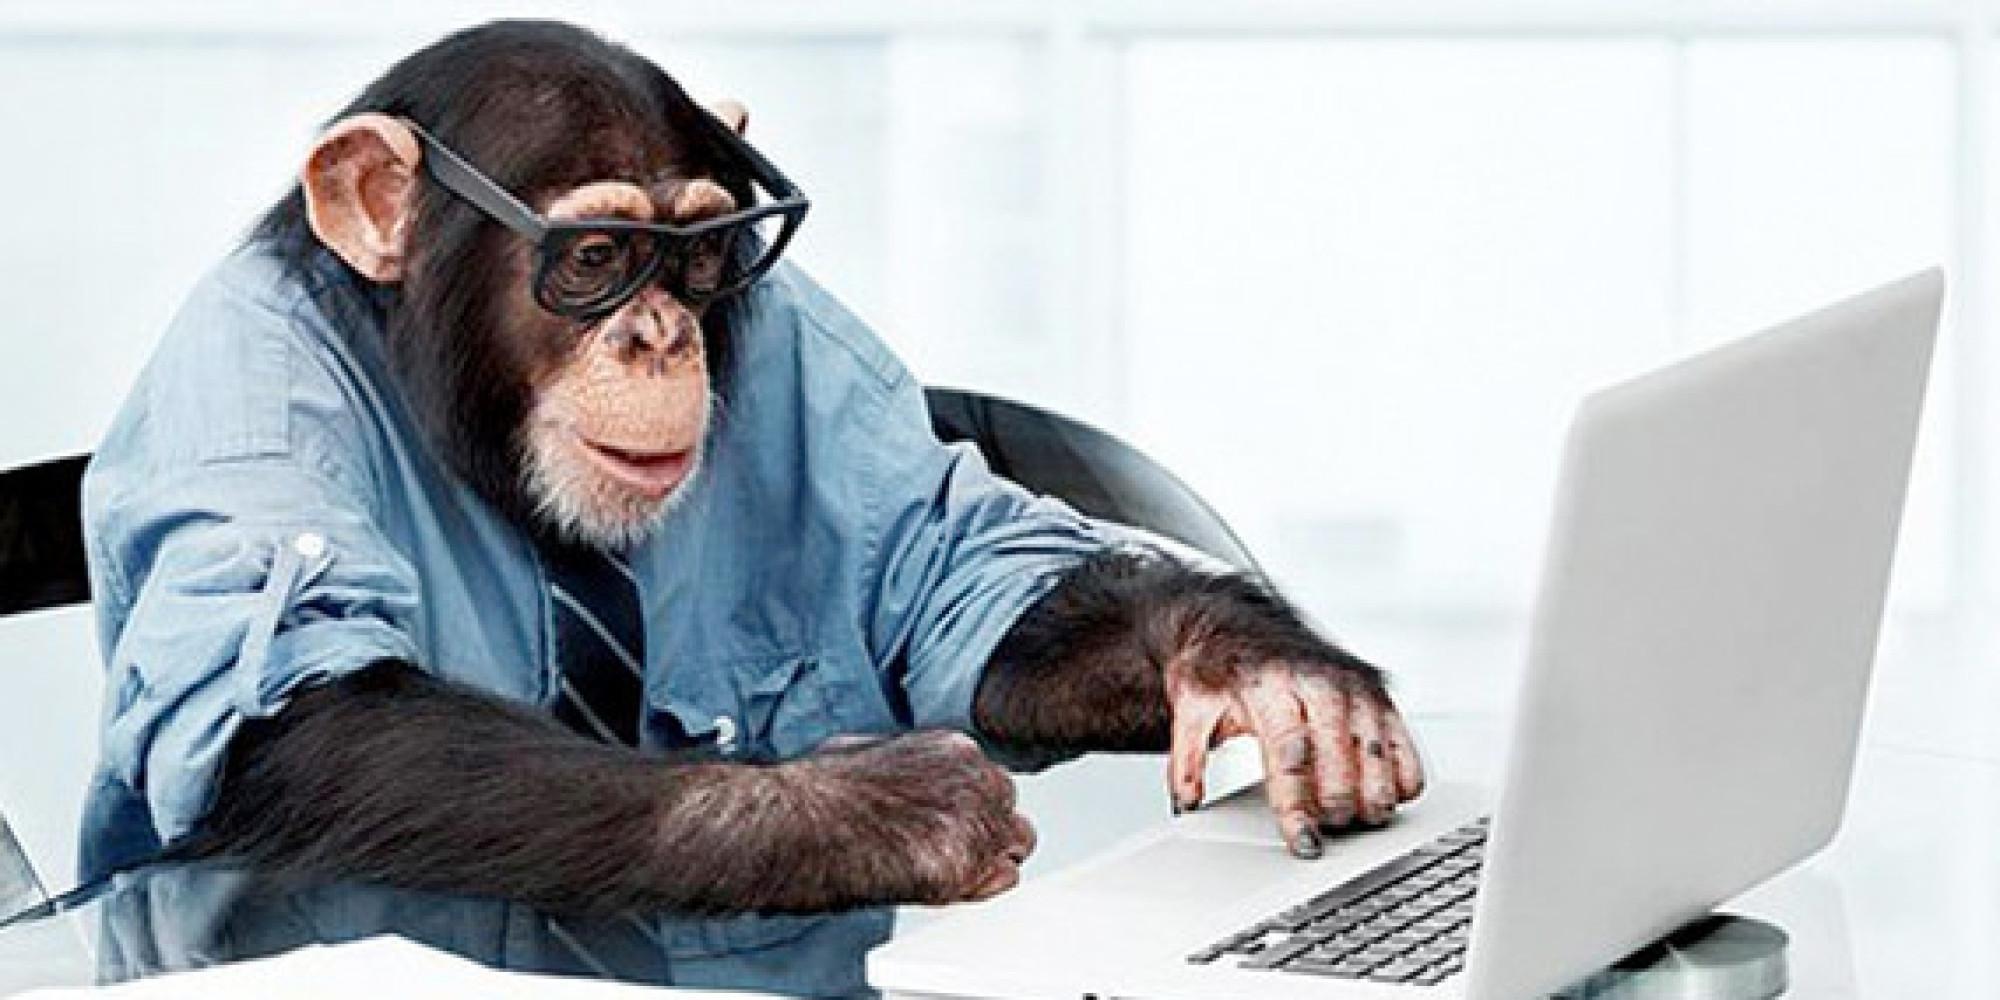 Фото офисных работников с приколом в роле обезьян 5